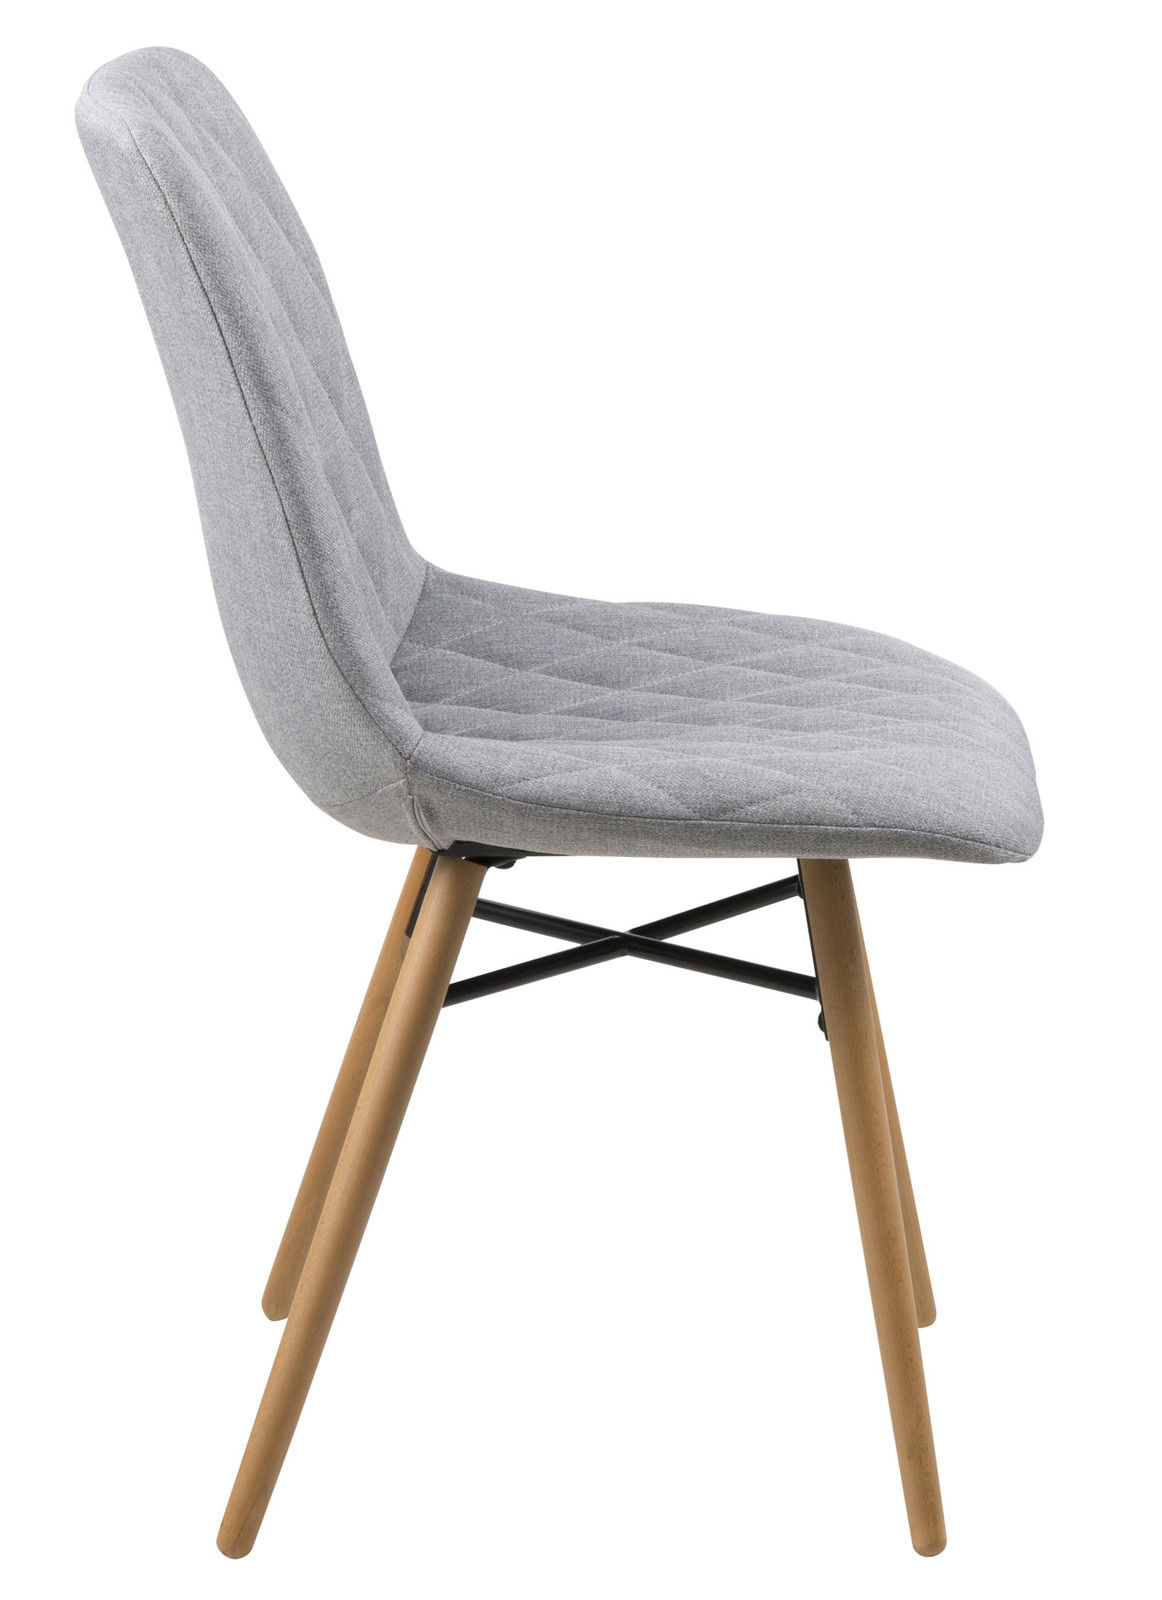 2x pkline esszimmerstuhl in grau stuhl k chenstuhl. Black Bedroom Furniture Sets. Home Design Ideas